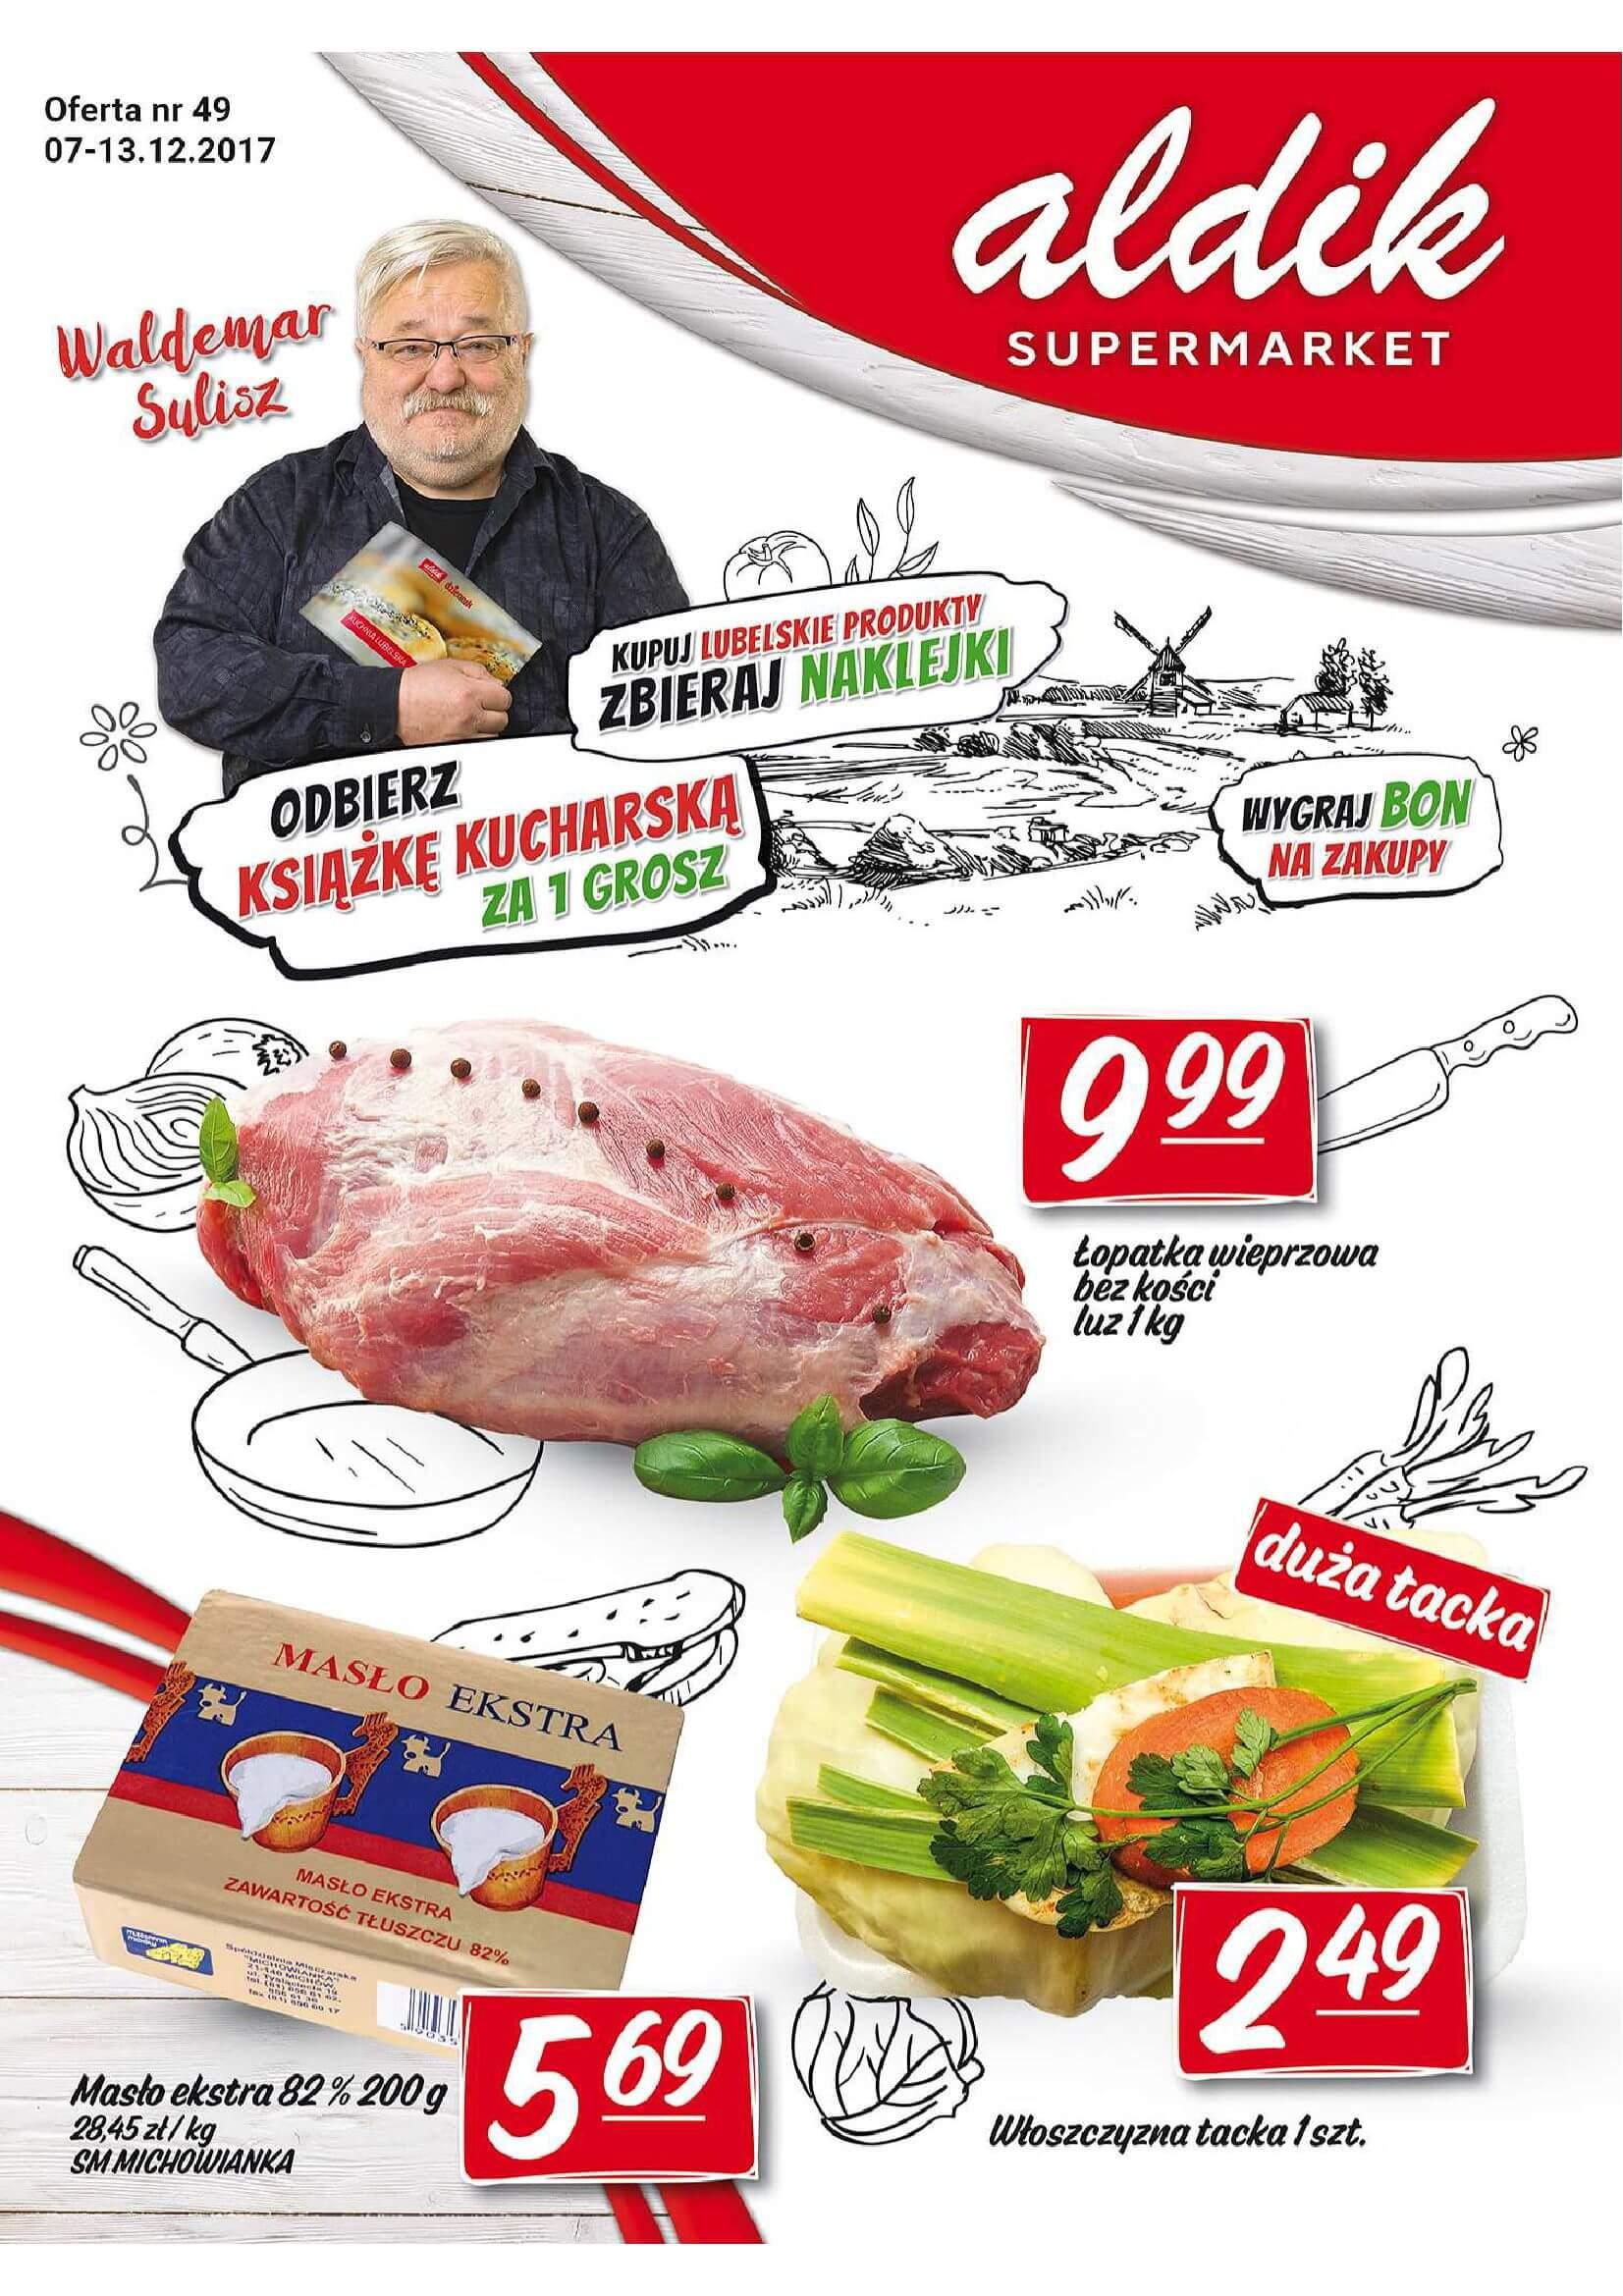 Gazetka Aldik - Oferta na artykuły spożywcze-2017-12-06-2017-12-13-page-1